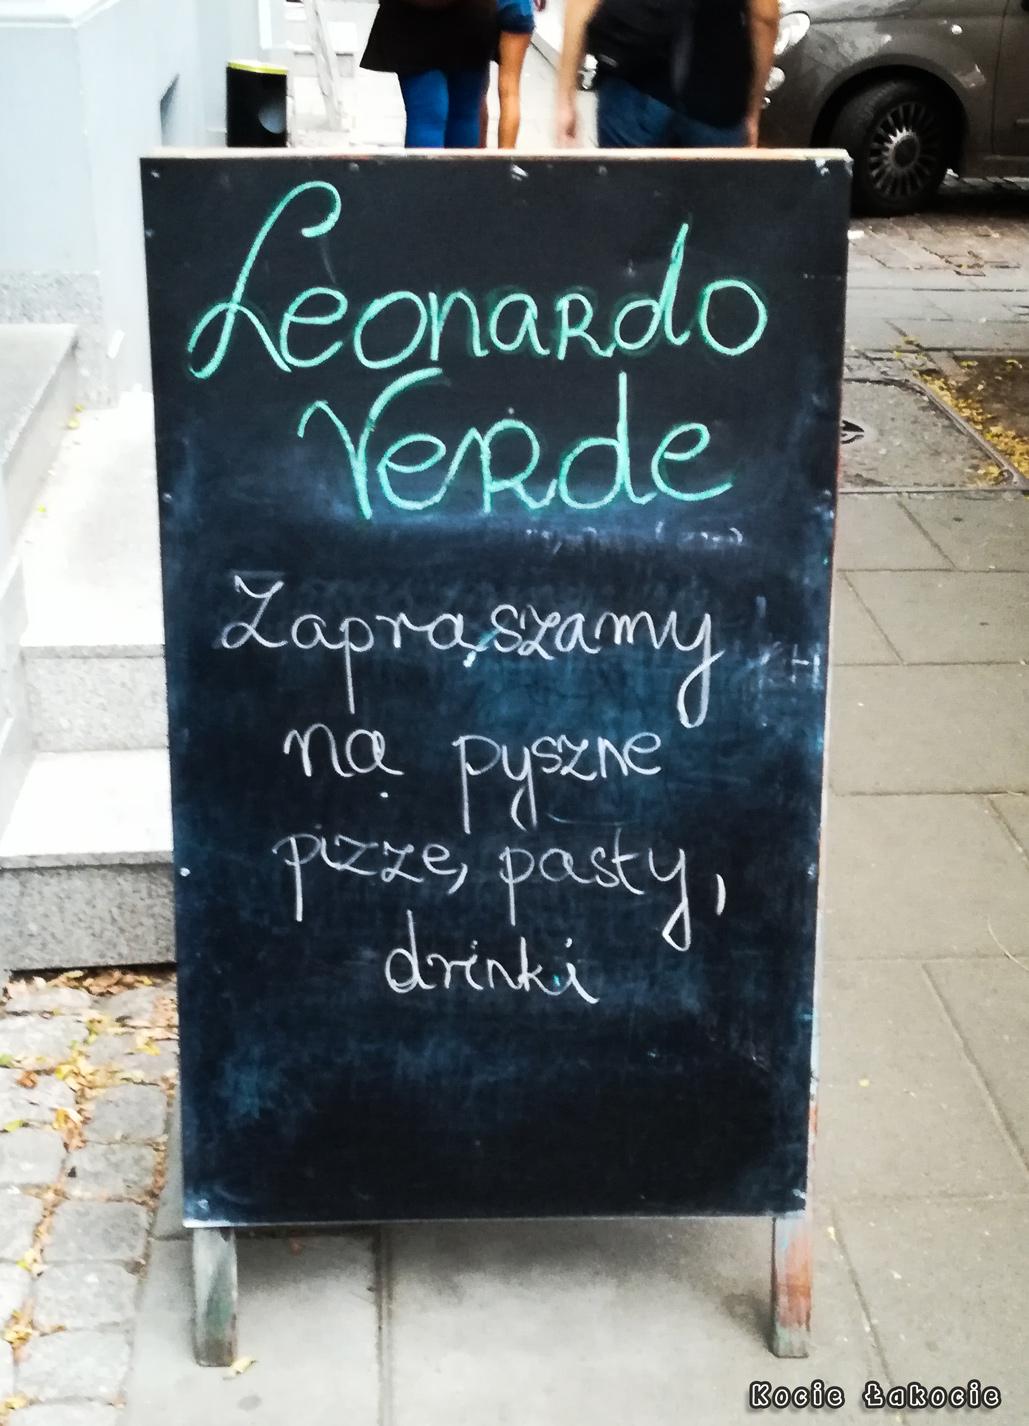 Leonardo Verde